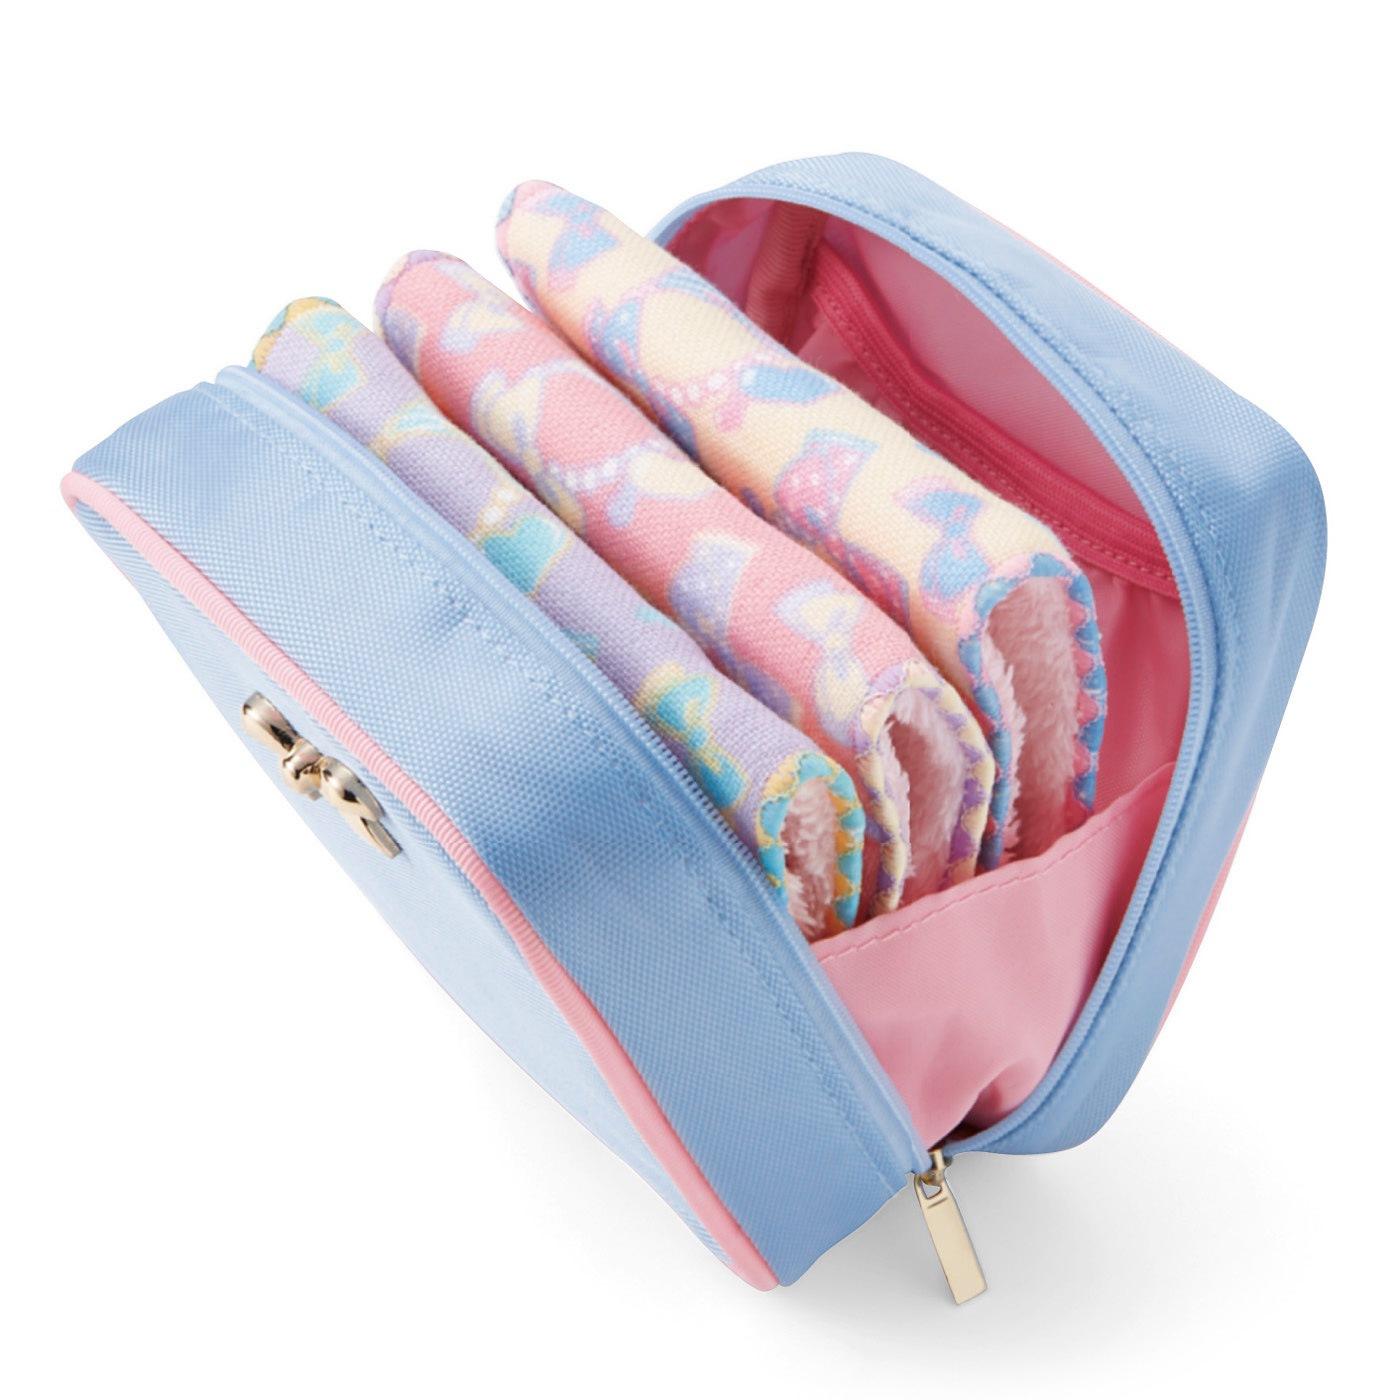 大きく開いて出し入れスムーズ。「秘密のポケットタオル」がきれいに収まります。